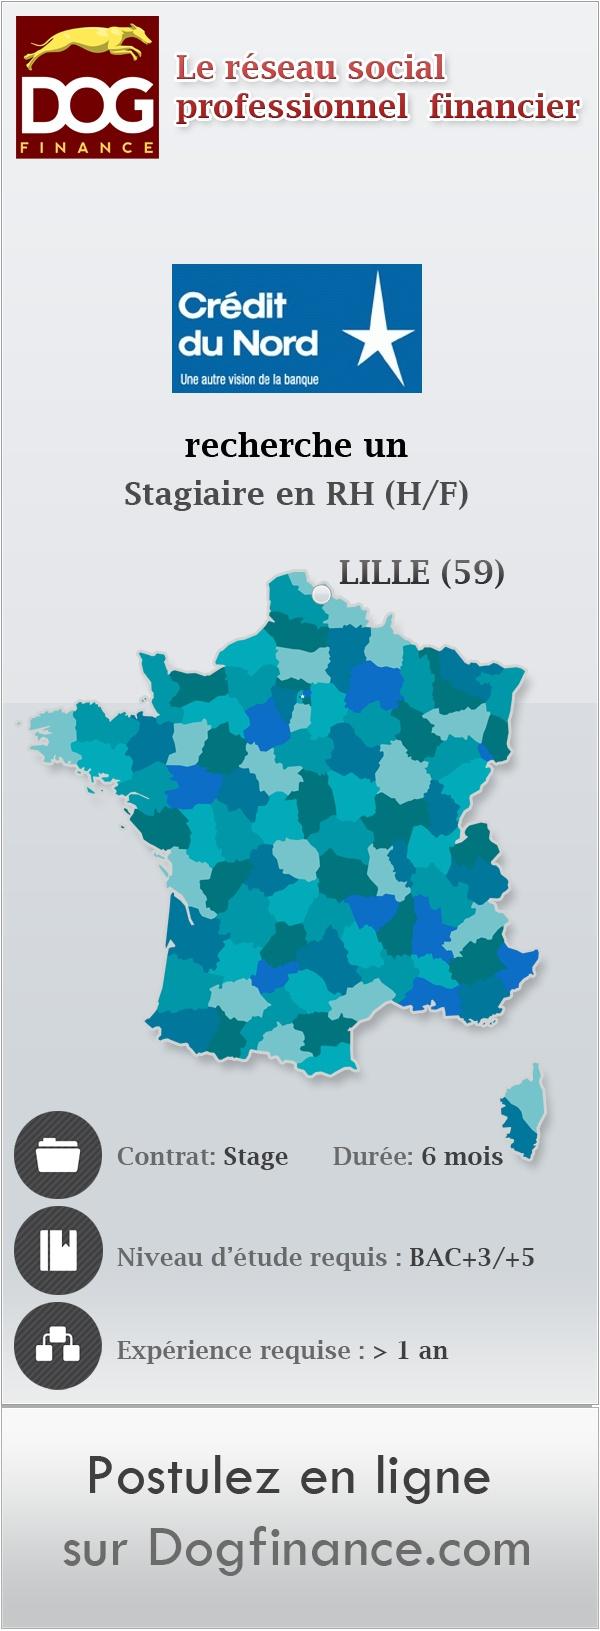 Le Crédit du Nord recherche un Stagiaire en RH, postulez vite ici : http://www.dogfinance.com/fr/offre/stage-ressources-humaines/26969/